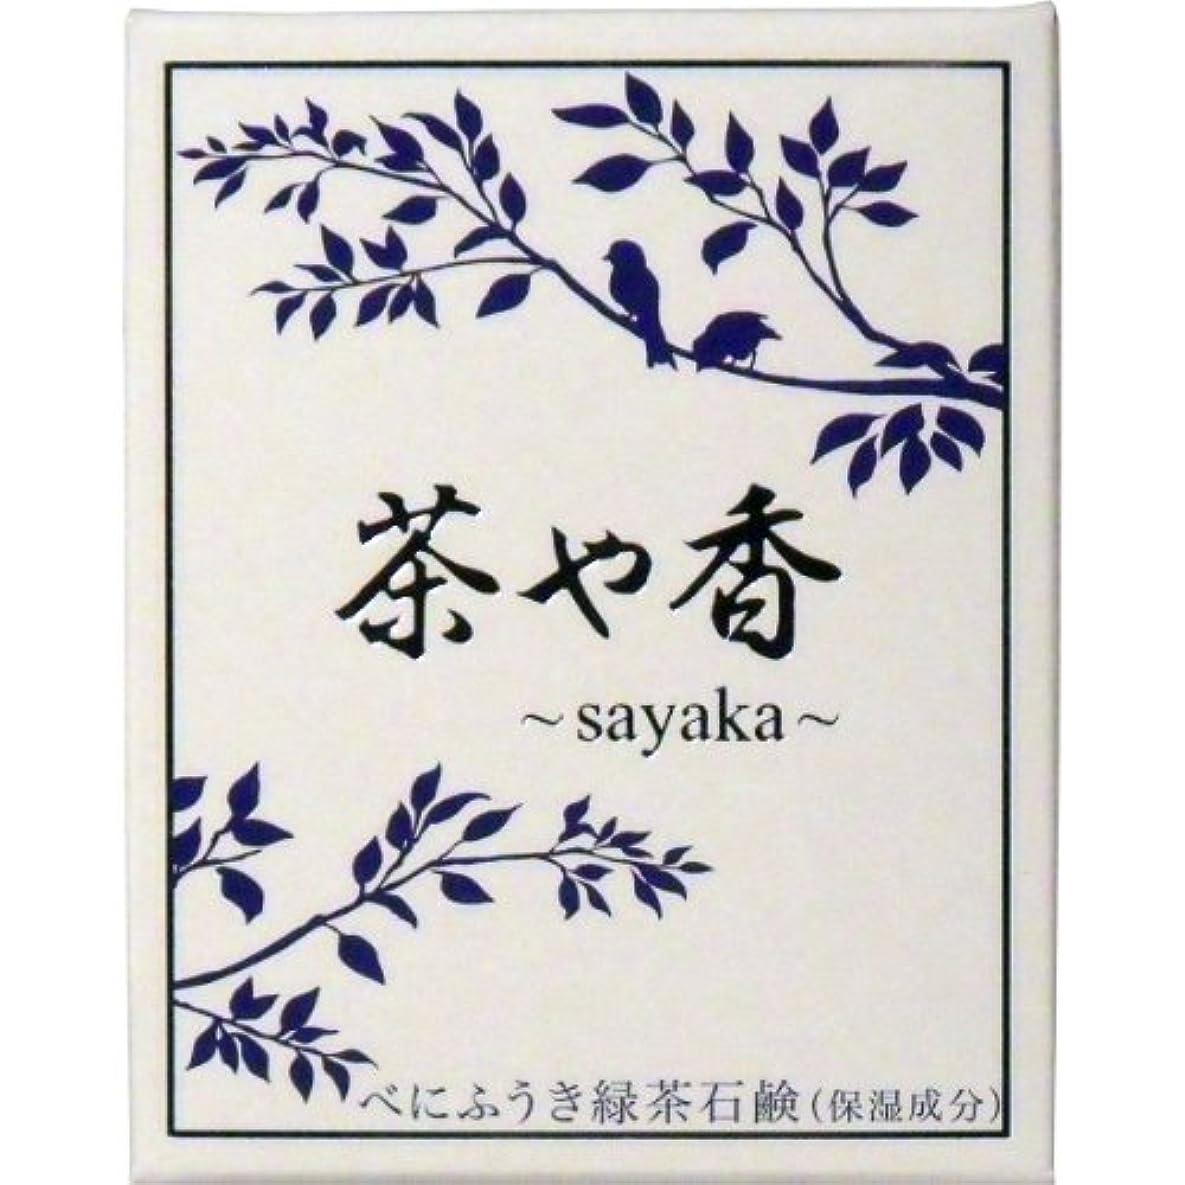 思い出させる普通に注目すべき茶や香 -sayaka- べにふうき緑茶石鹸 100g入 ×5個セット